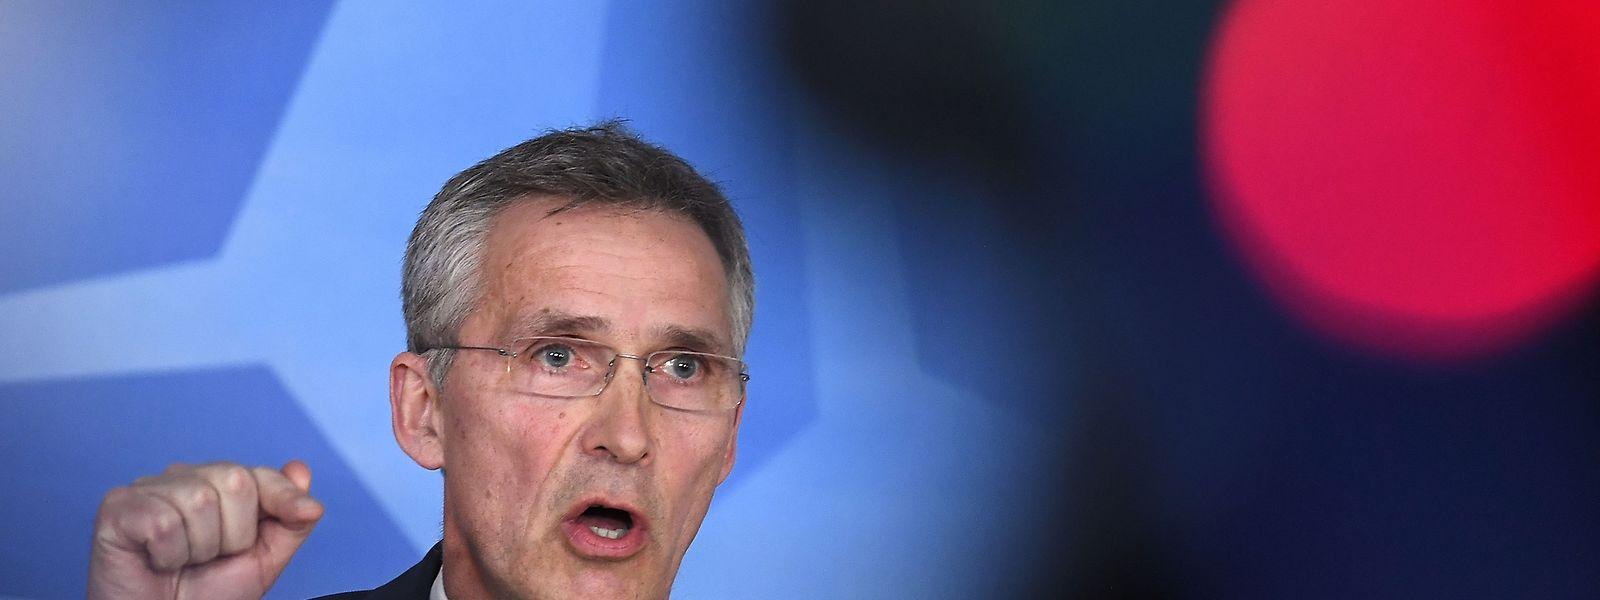 Nato-Generalsekretär Jens Stoltenberg soll am Dienstag mit EU-Ratspräsident Donald Tusk und EU-Kommissionspräsident Jean-Claude Juncker eine gemeinsame Erklärung unterzeichnen.